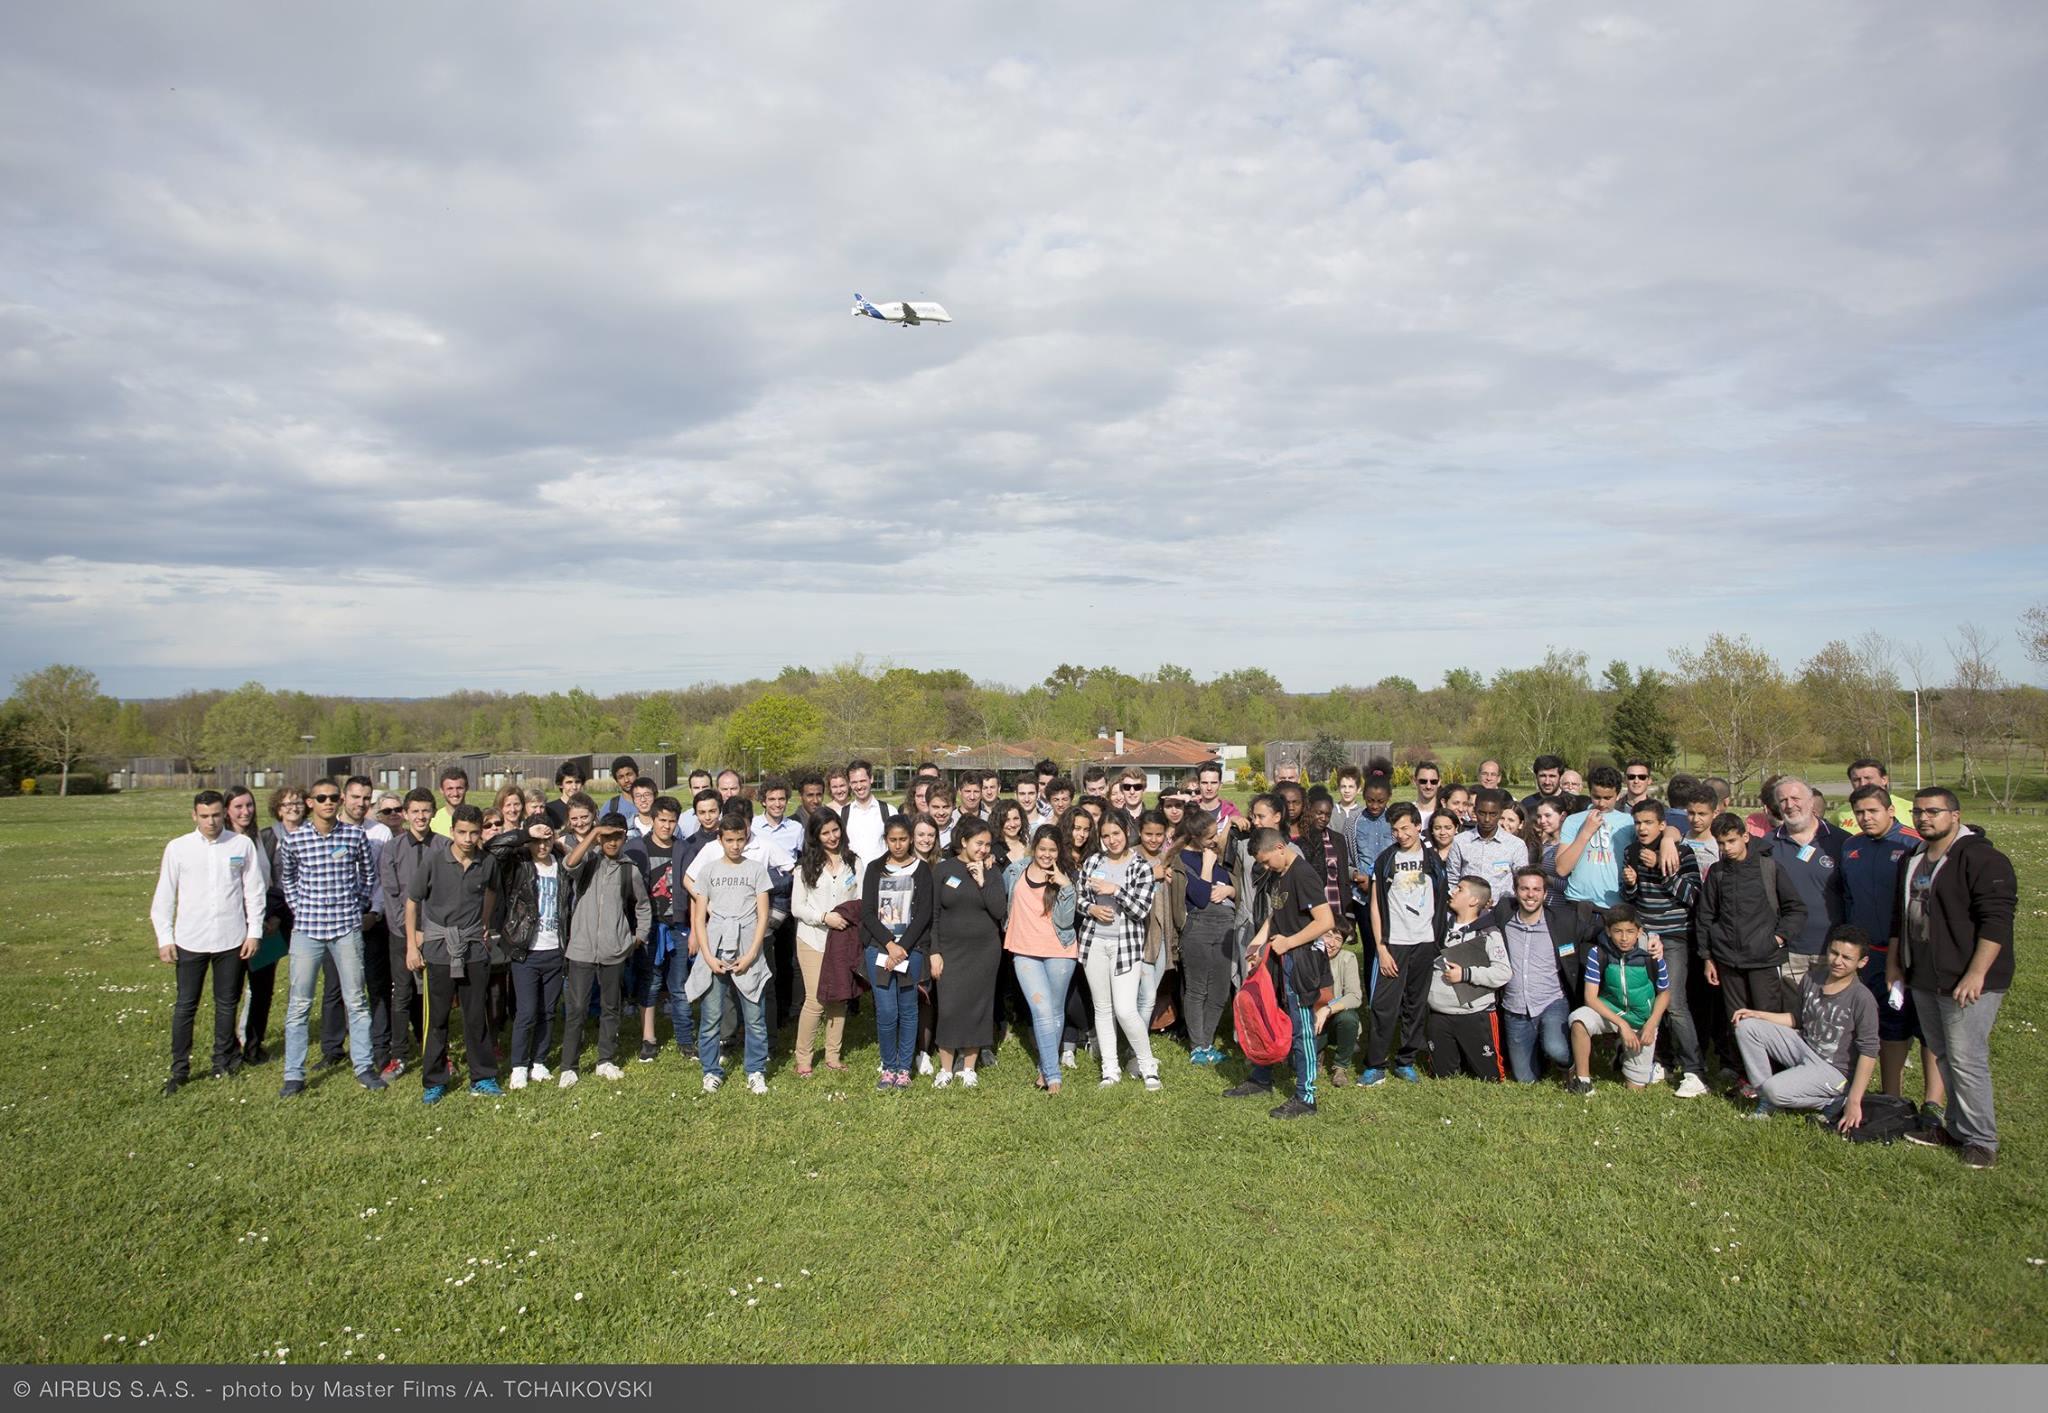 14 Avril 2016: Un petit pas pour l'aéronautique un grand pas pour Fly to Dream. Plus 160 enfants et adultes ont pu participer à la cérémonie de clôture du Flying Challenge d'Airbus.